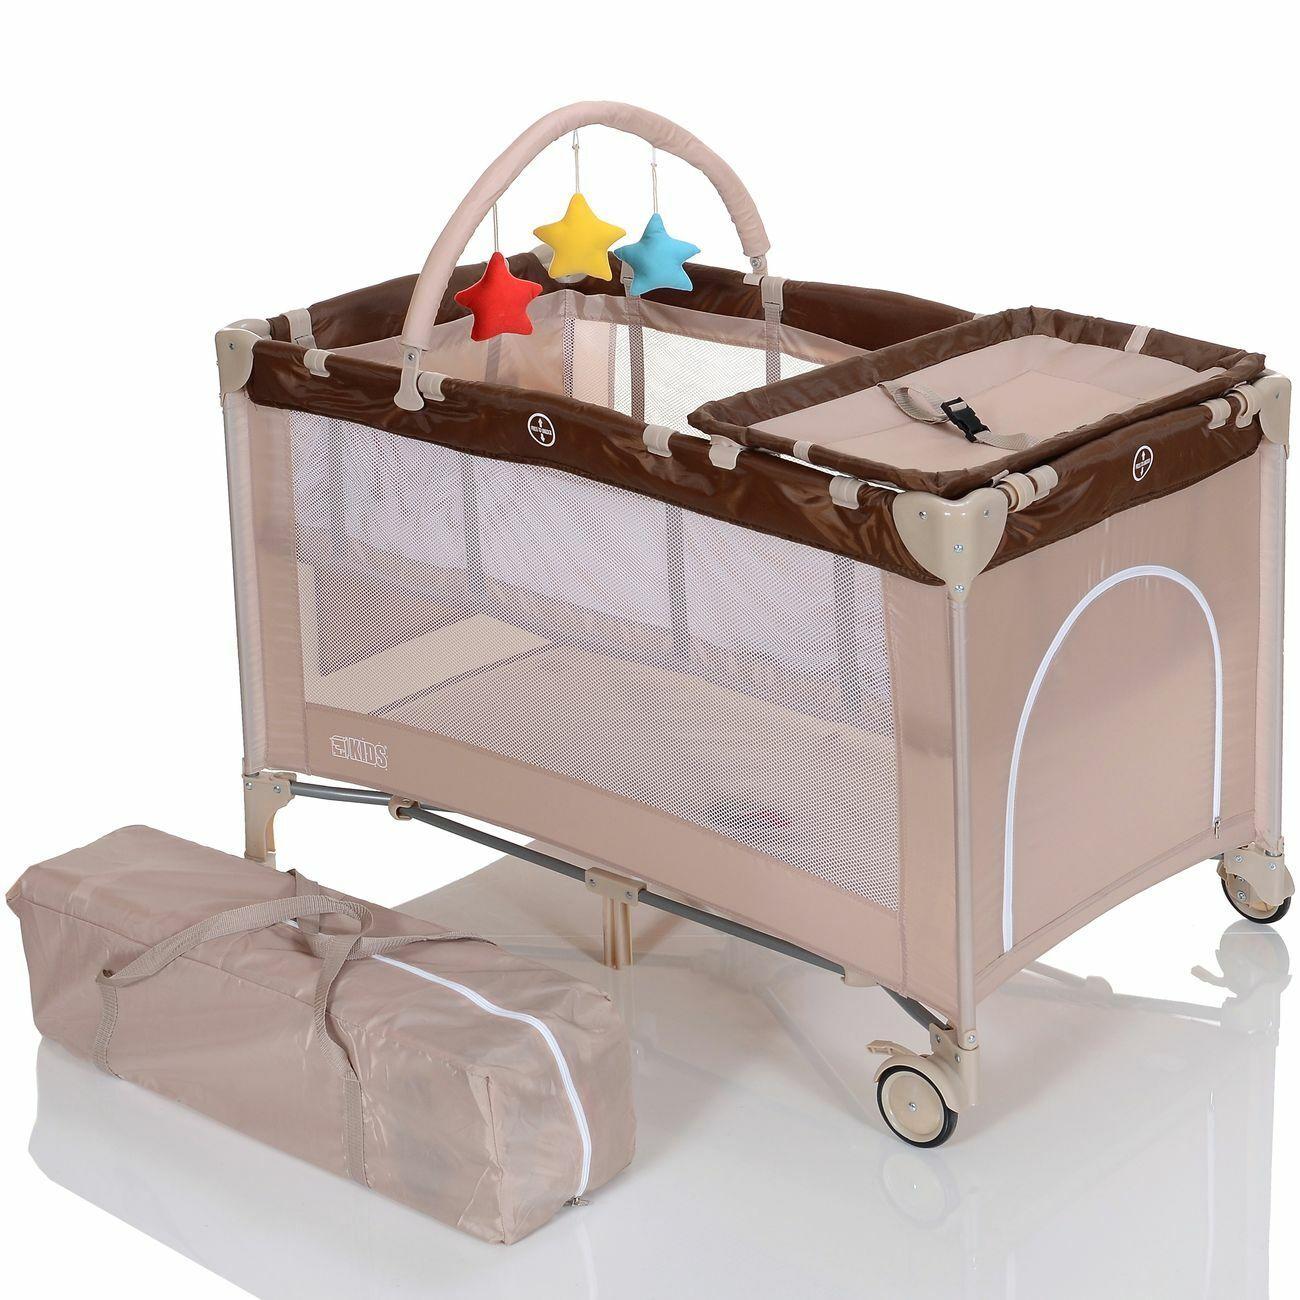 Kinderreisebett Klappbett Laufstall Reisebett Babybett mit Faltmatratze Einlage